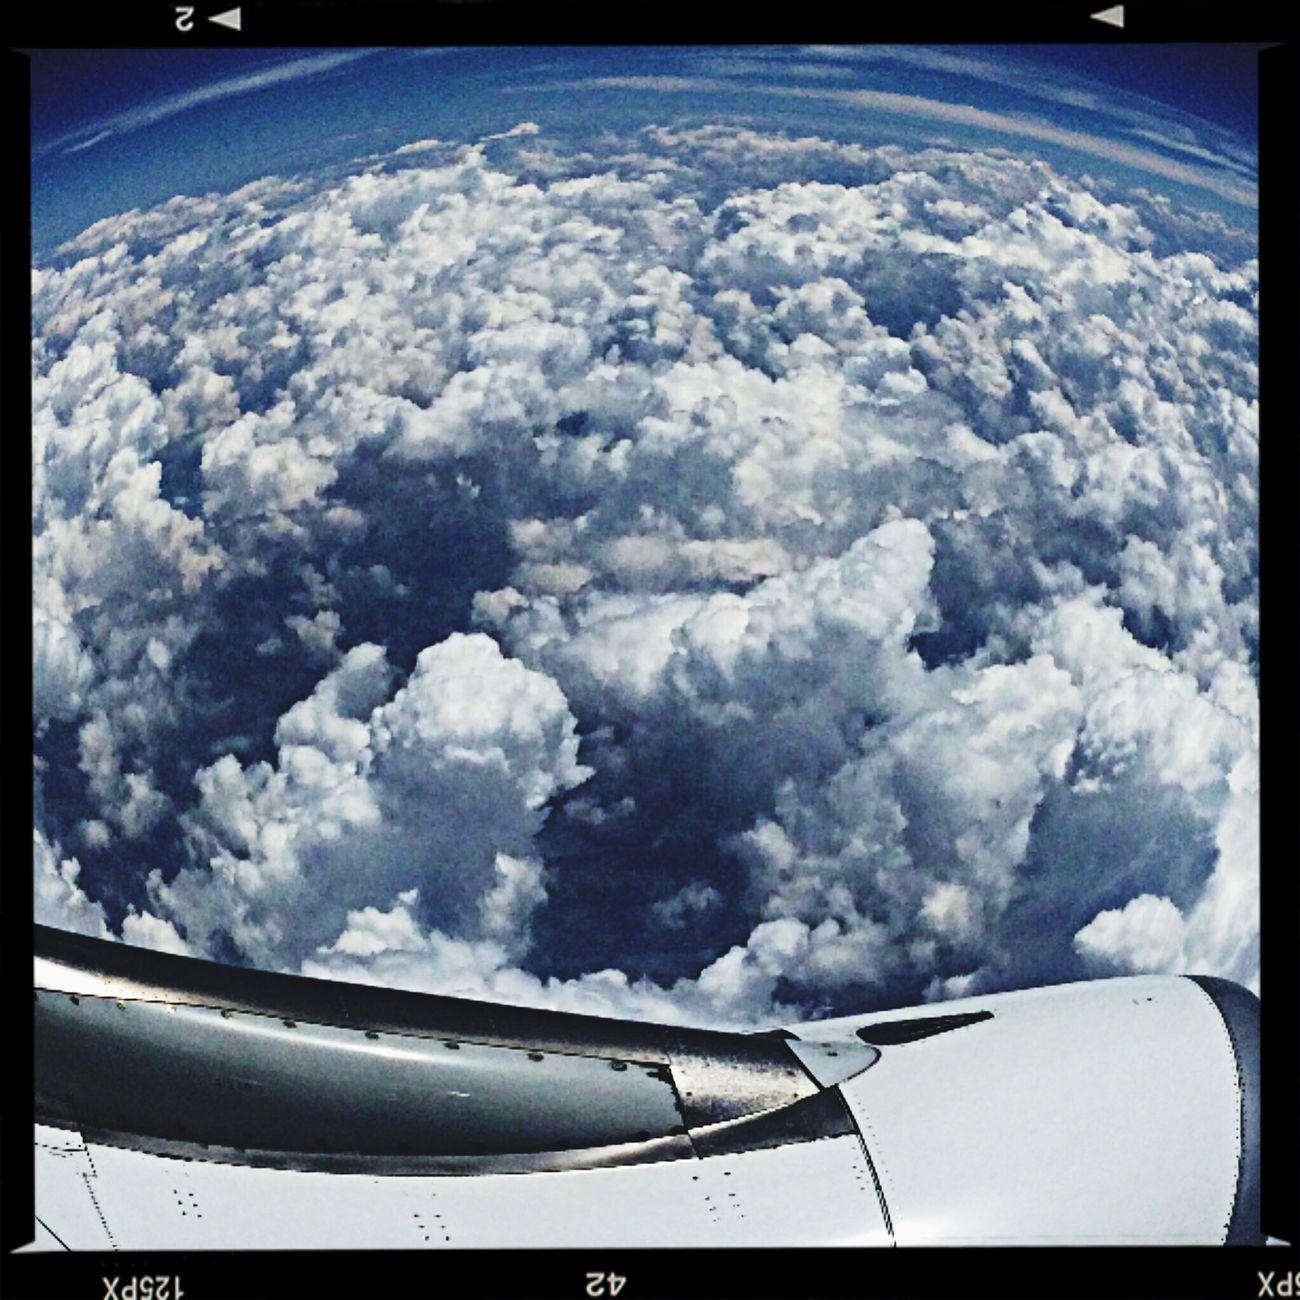 Nunca diga que é impossivel, porque ate voar ja e possivel! ✈️?? Viajar Sonhar Alto Nunca Desistir Seguir Sempre EM Frente